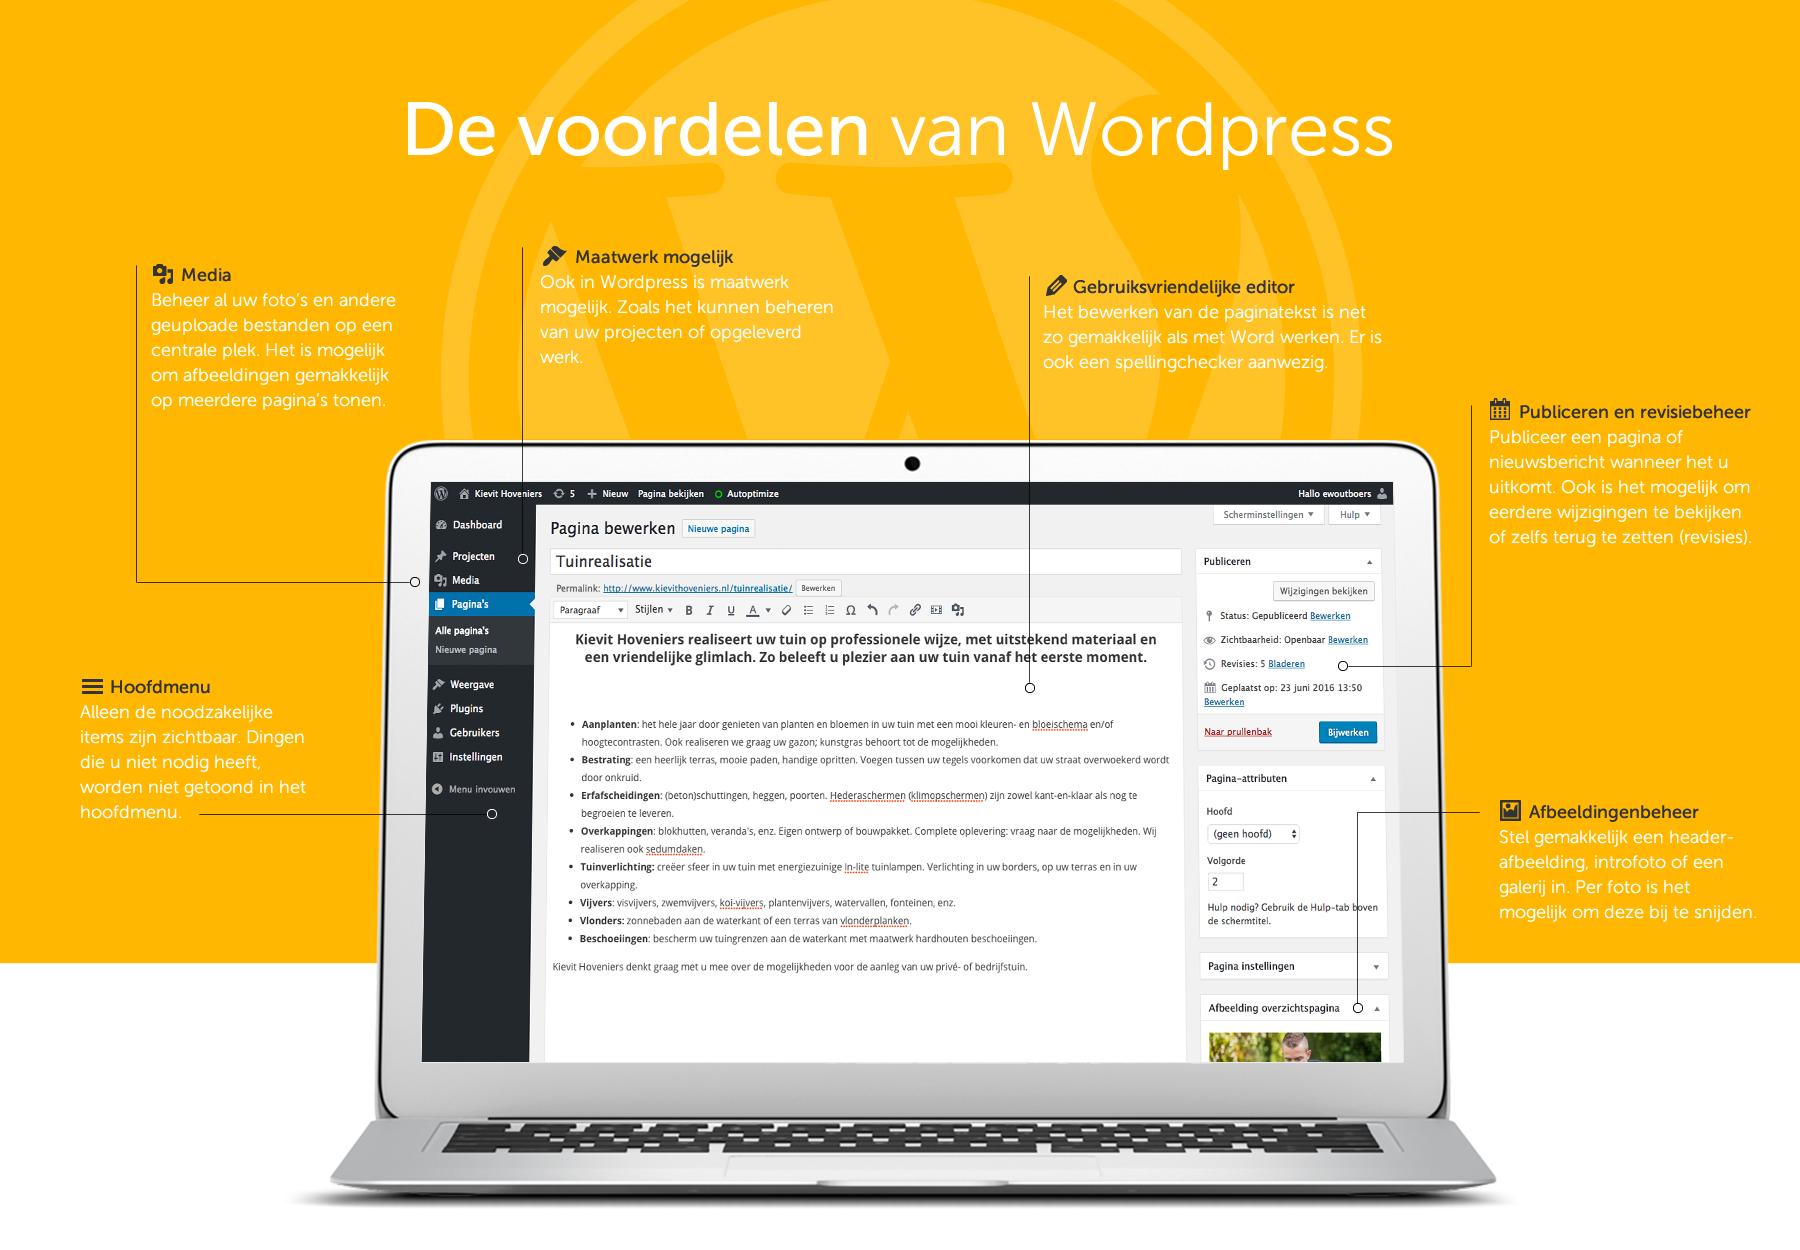 De voordelen van Wordpress